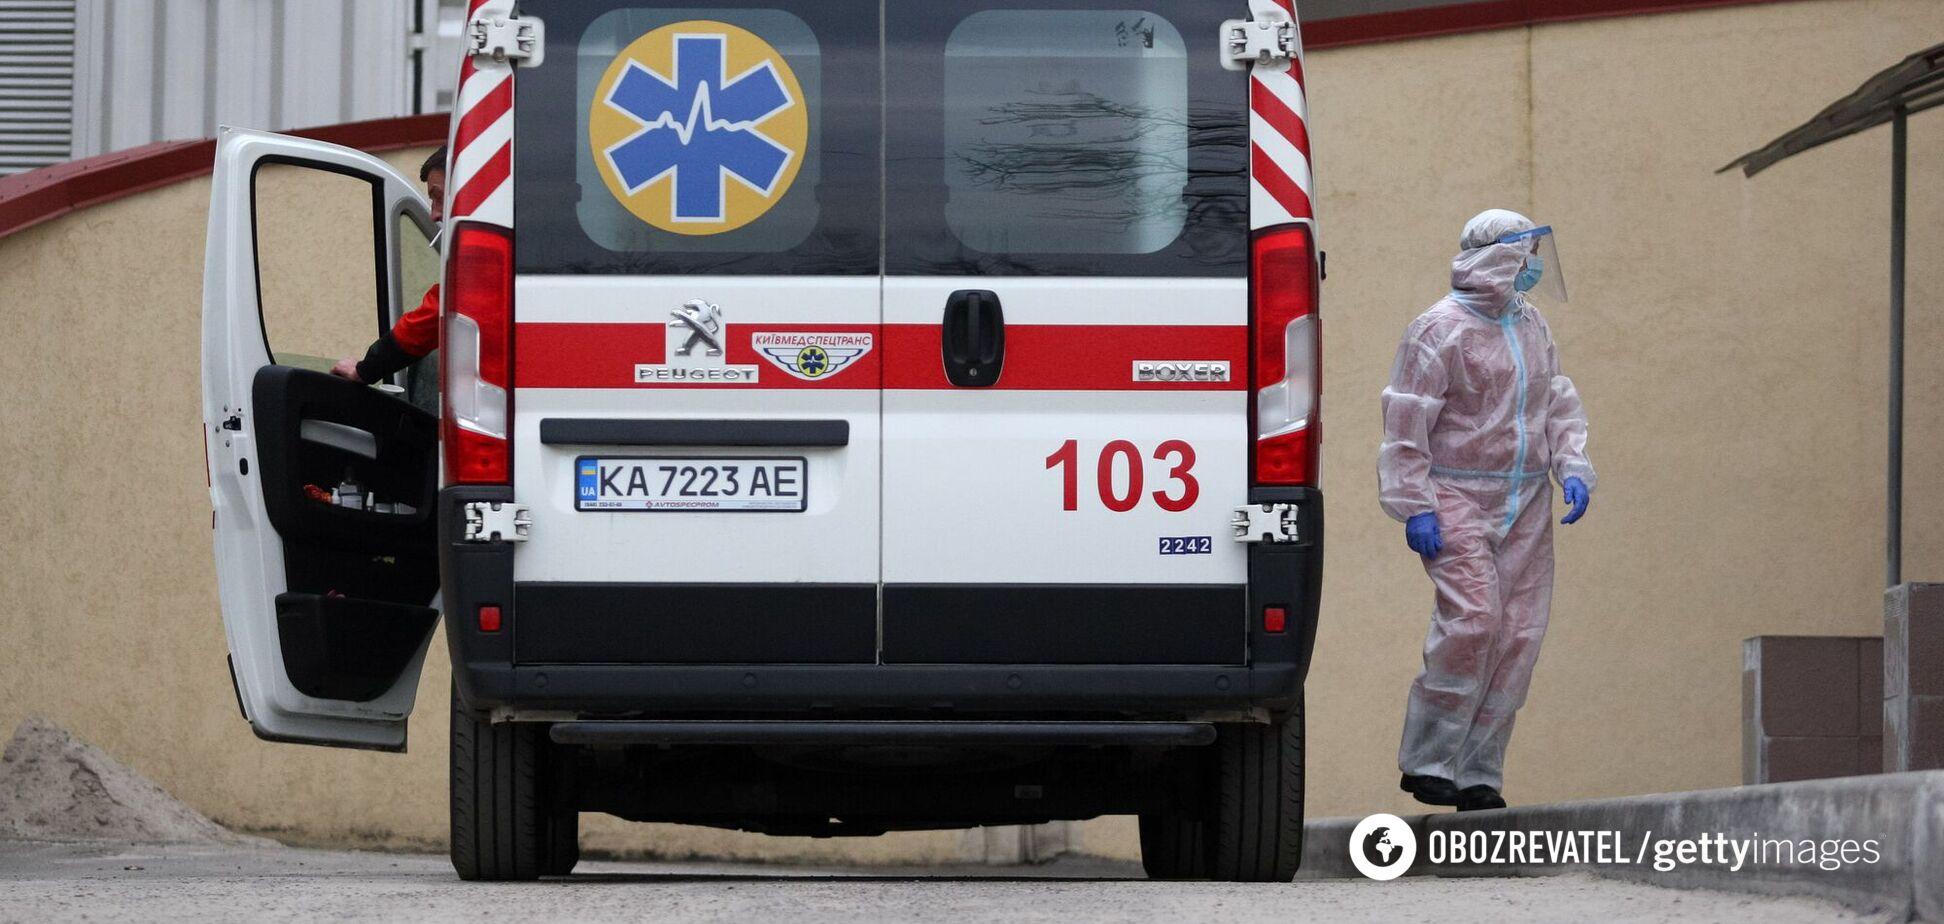 Украинцы назвали причину роста больных COVID-19 и отказались от российской вакцины – опрос